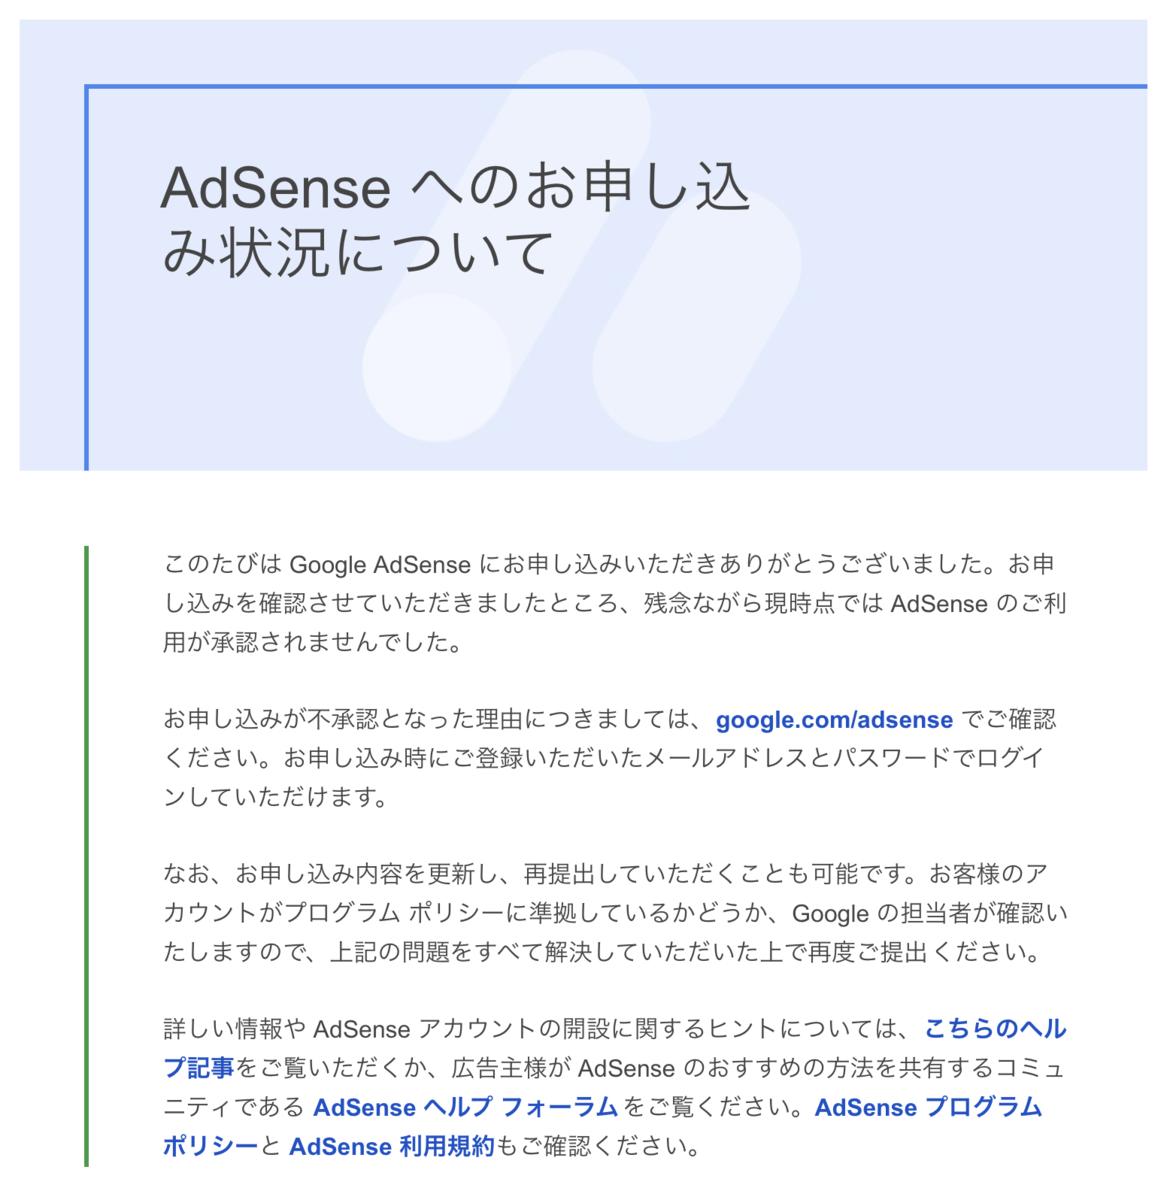 GoogleAdSenceのお申し込み状況について